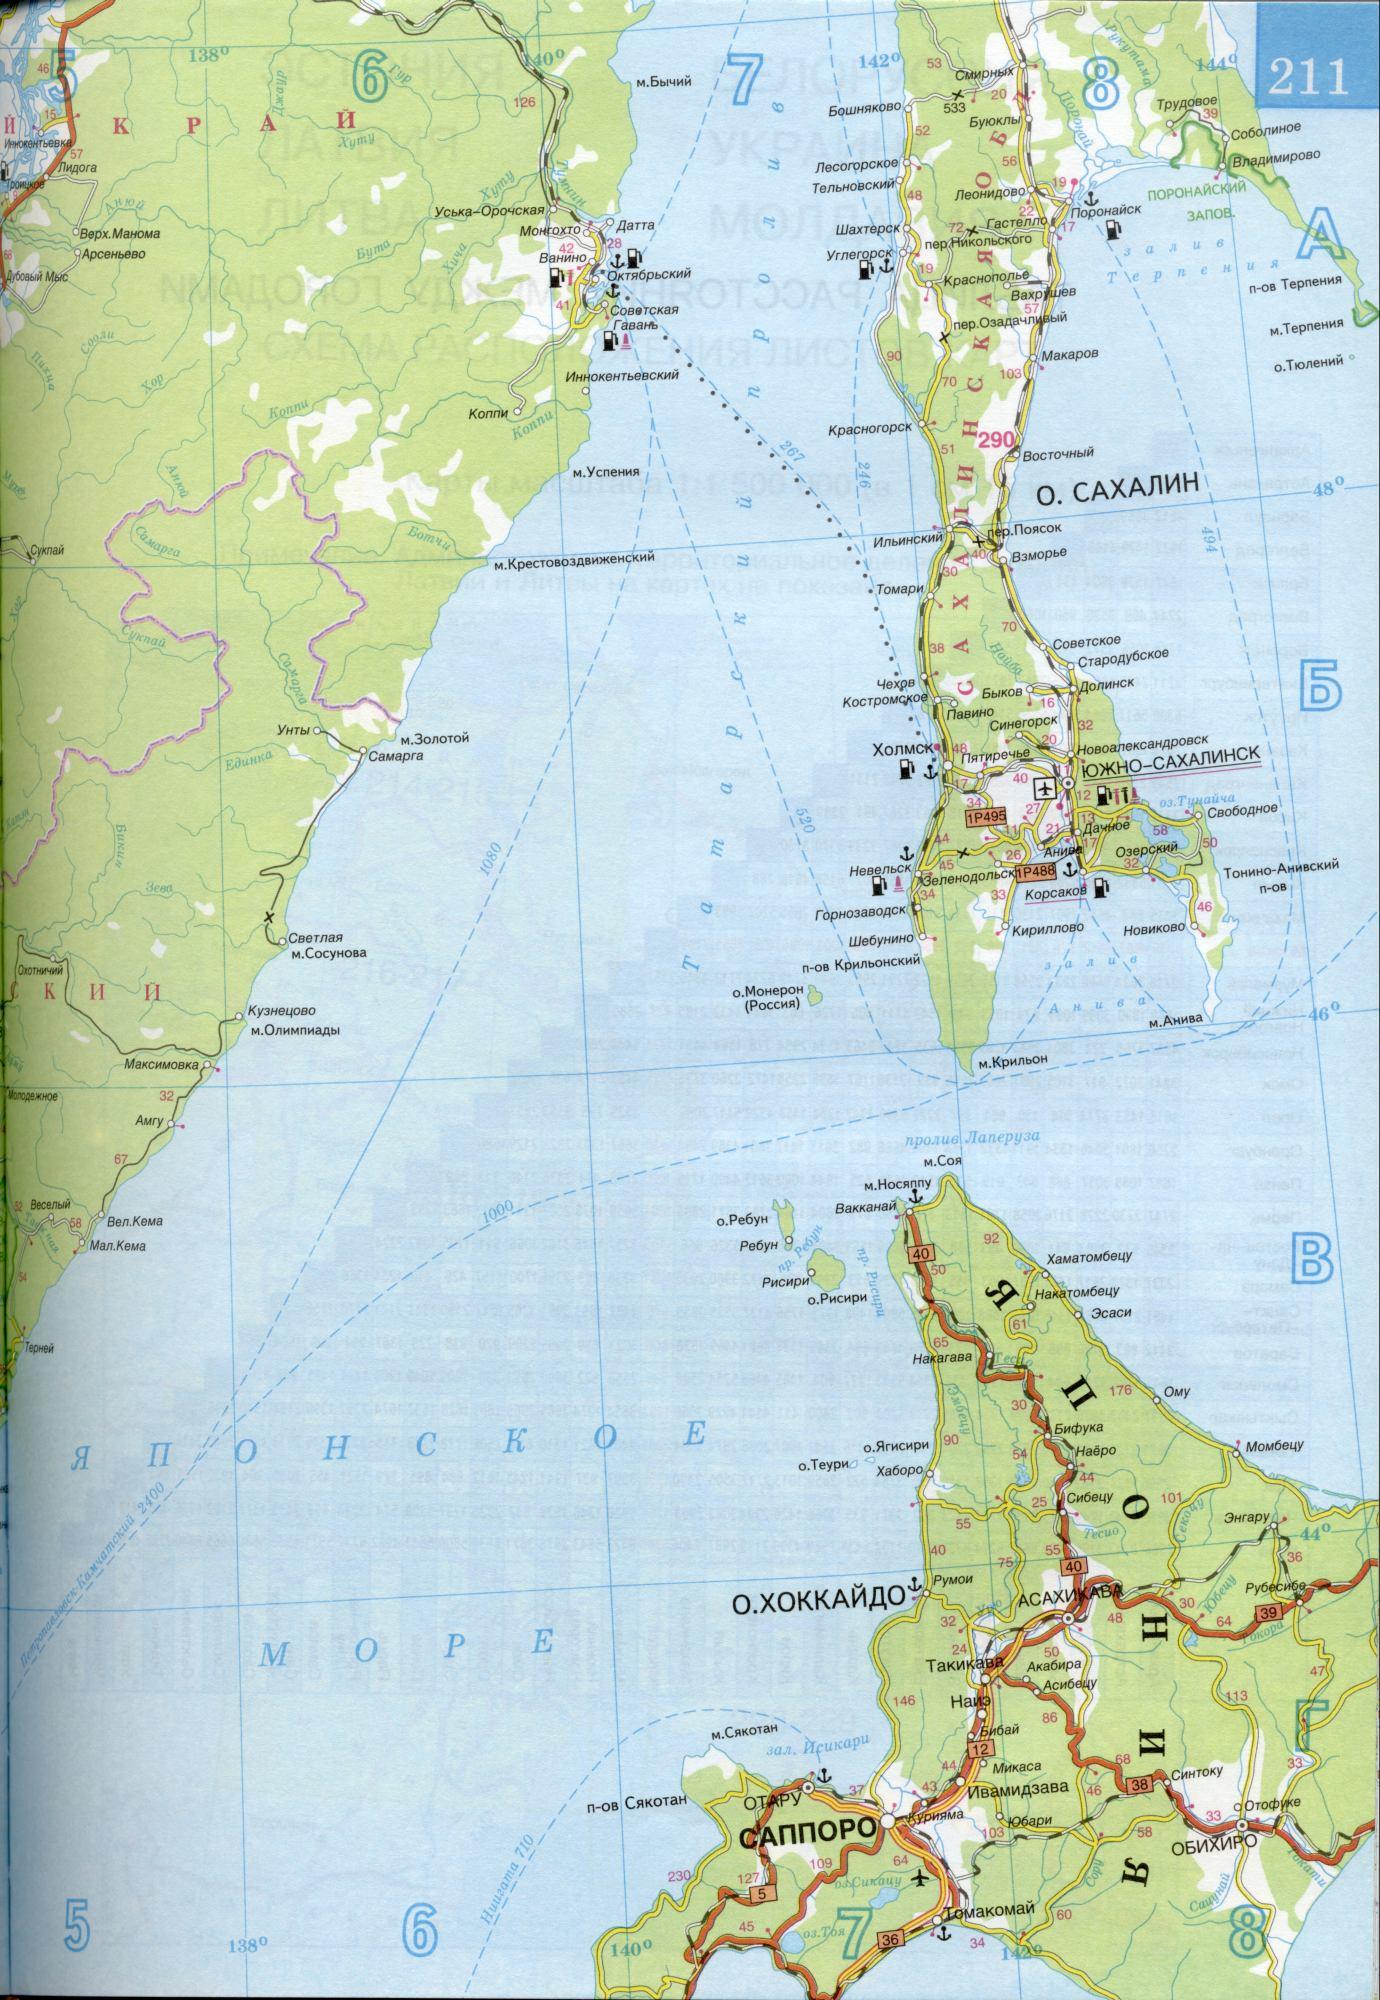 Программа карта приморского края скачать